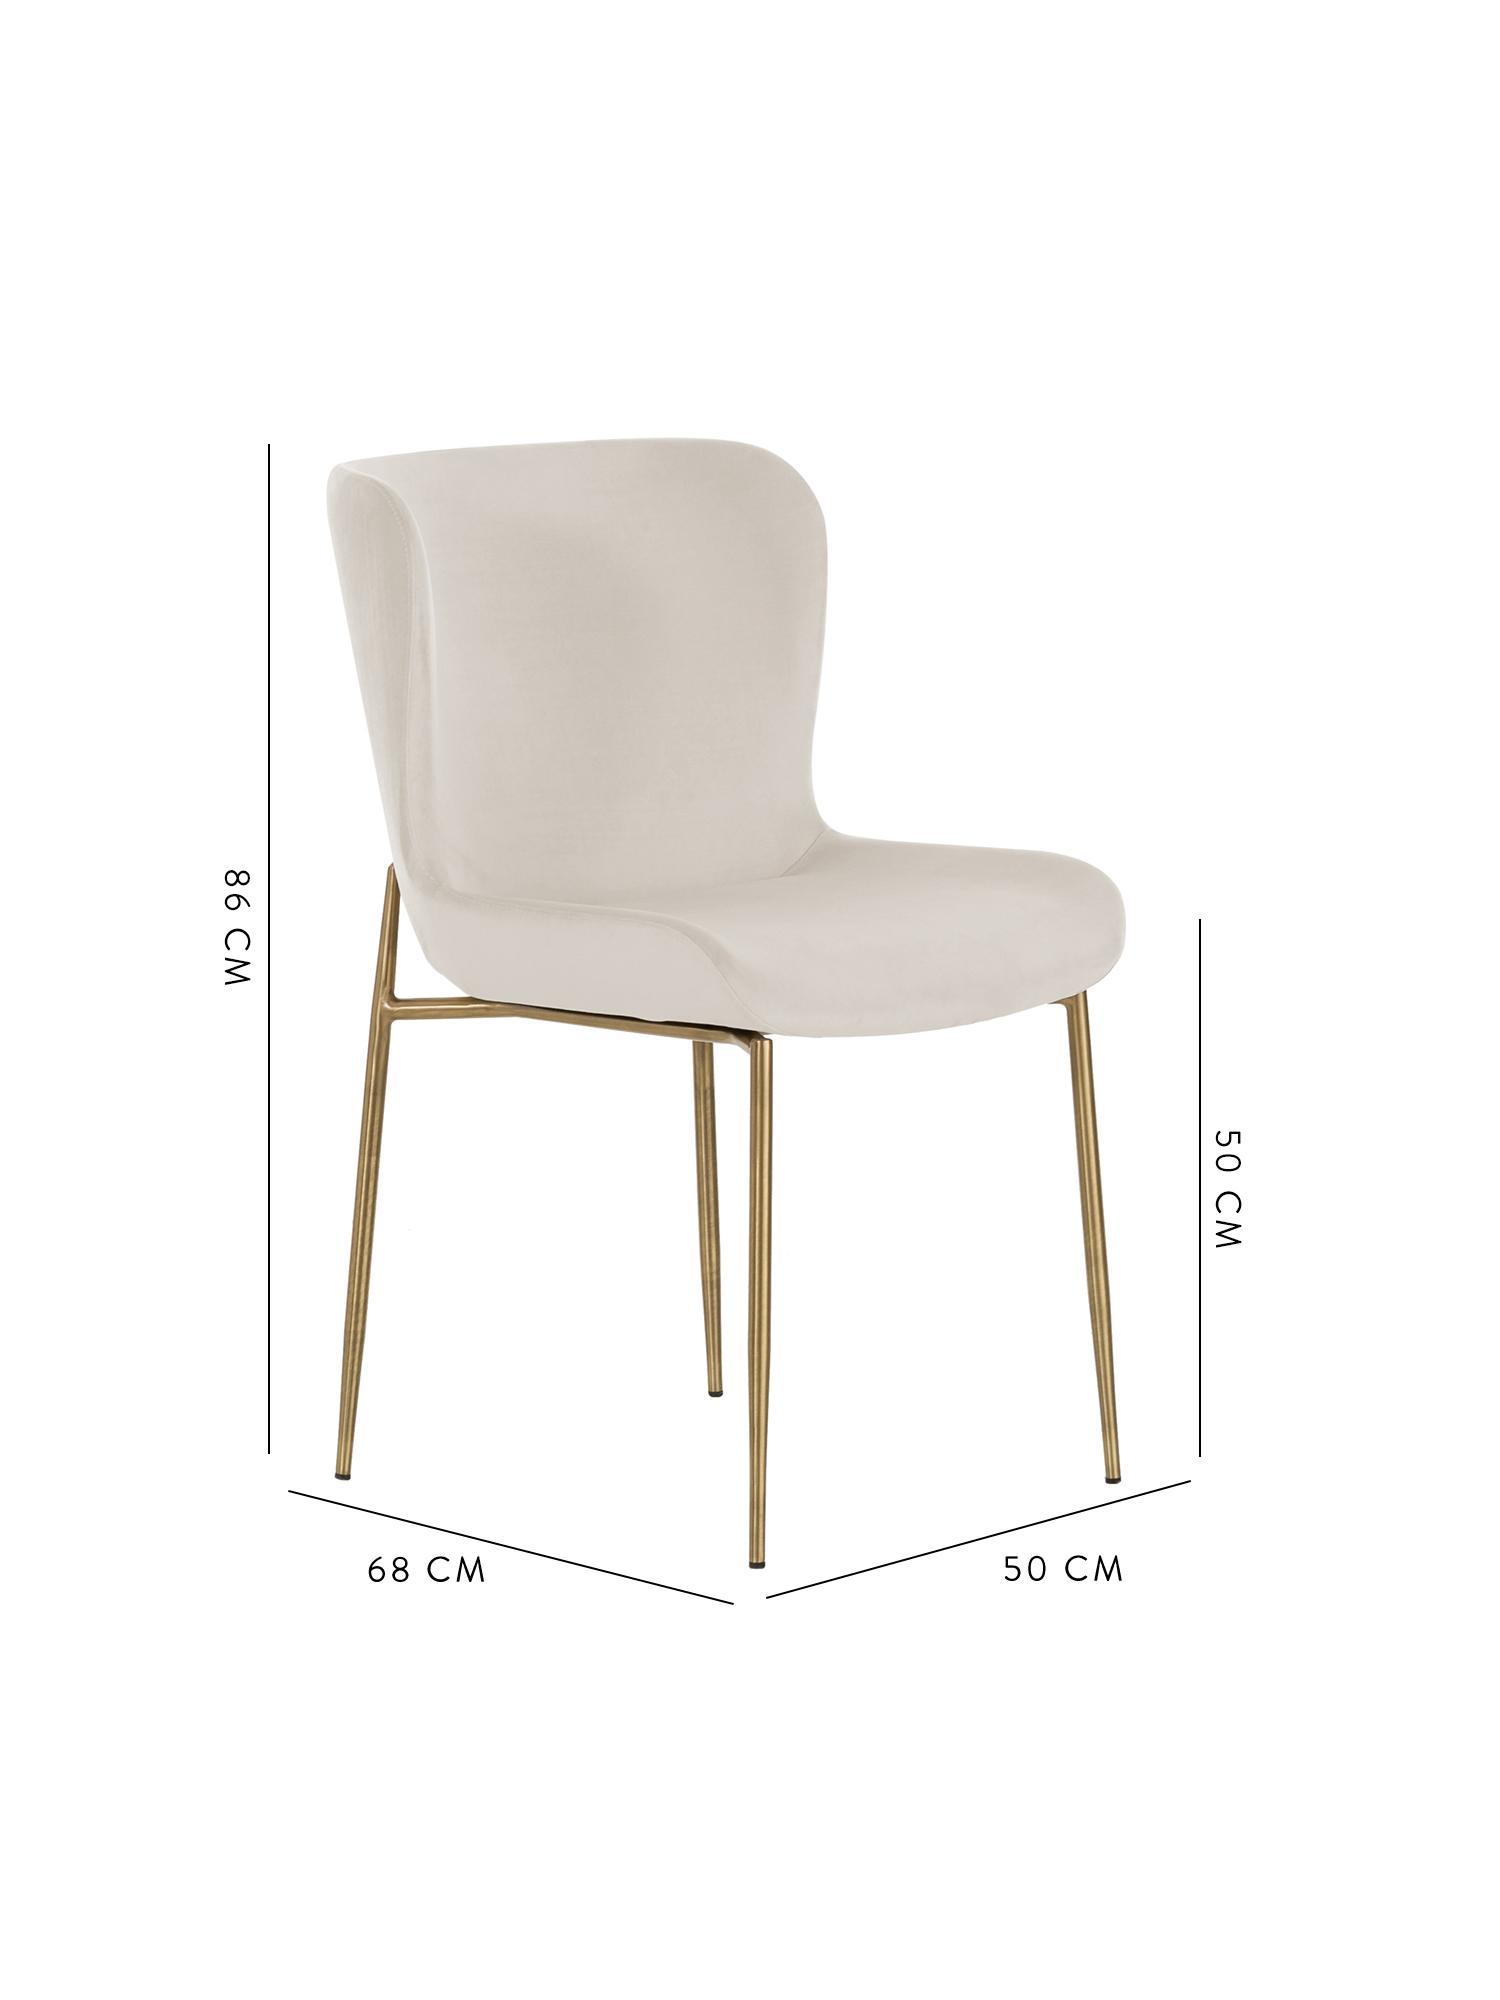 Samt-Polsterstuhl Tess, Bezug: Samt (Polyester) Der hoch, Beine: Metall, beschichtet, Samt Beige, Beine Gold, B 48 x T 64 cm